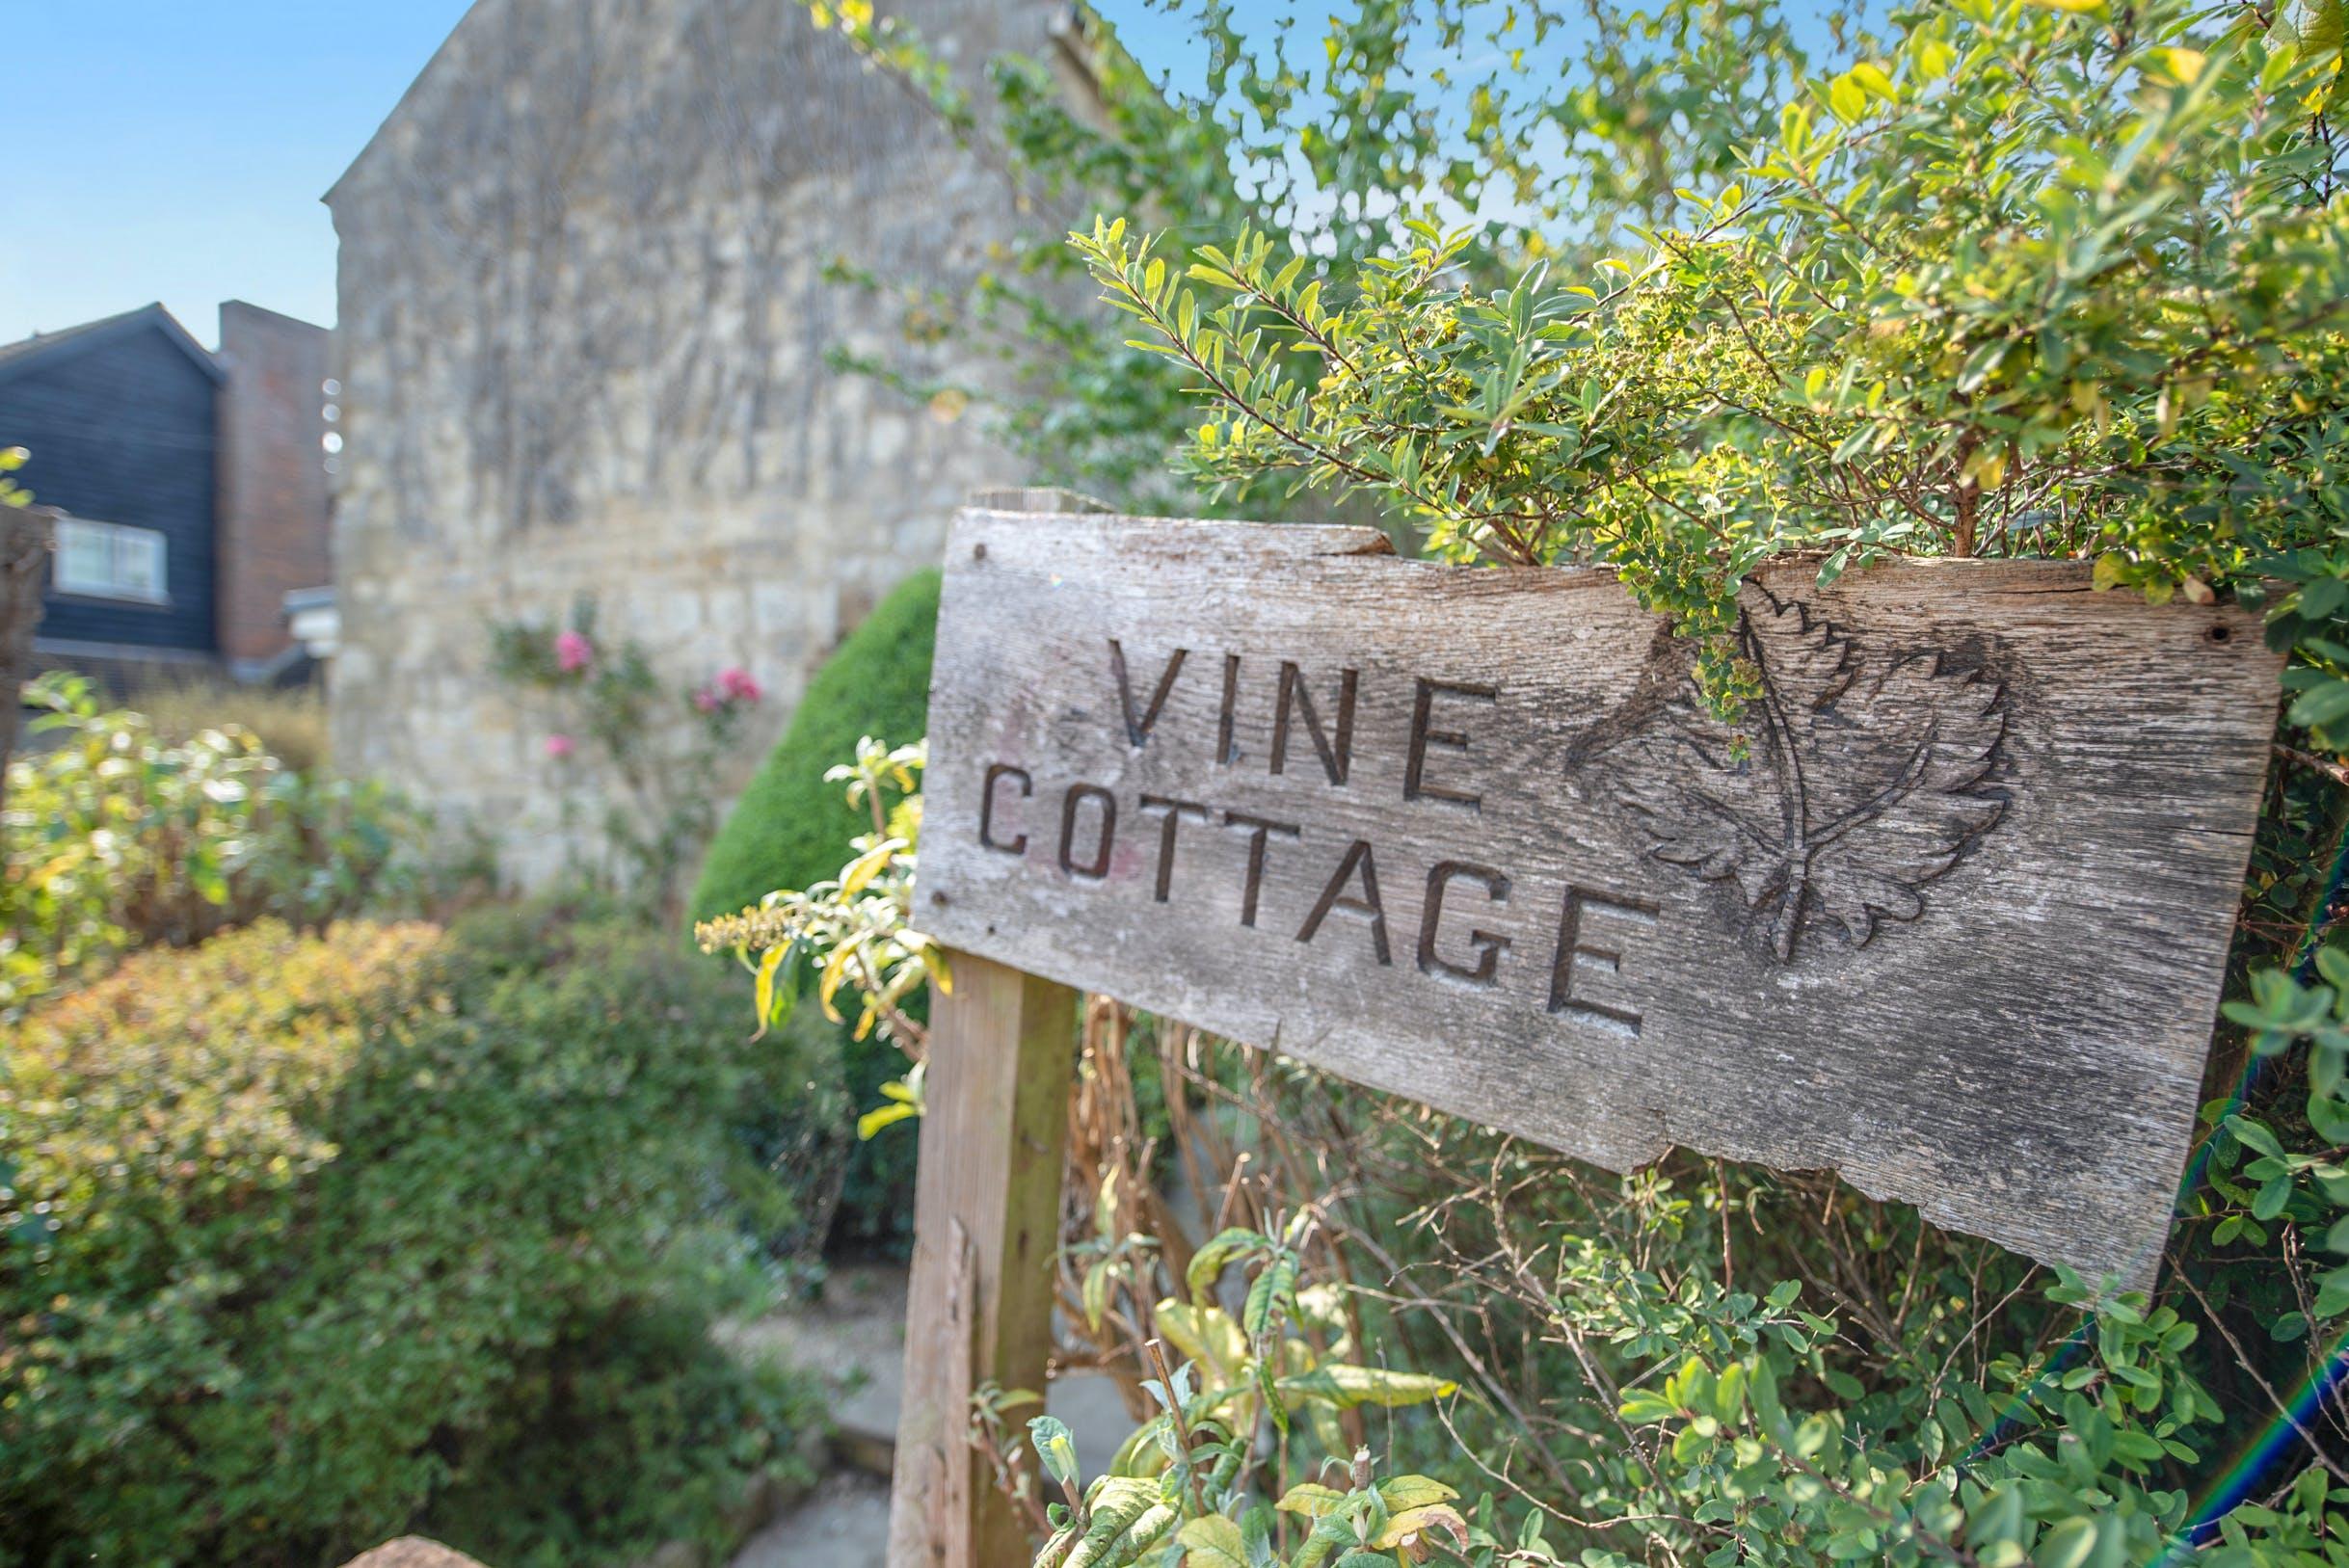 Vine Cottage The Vines, Shabbington, Residential For Sale - NAMESIGN.jpg